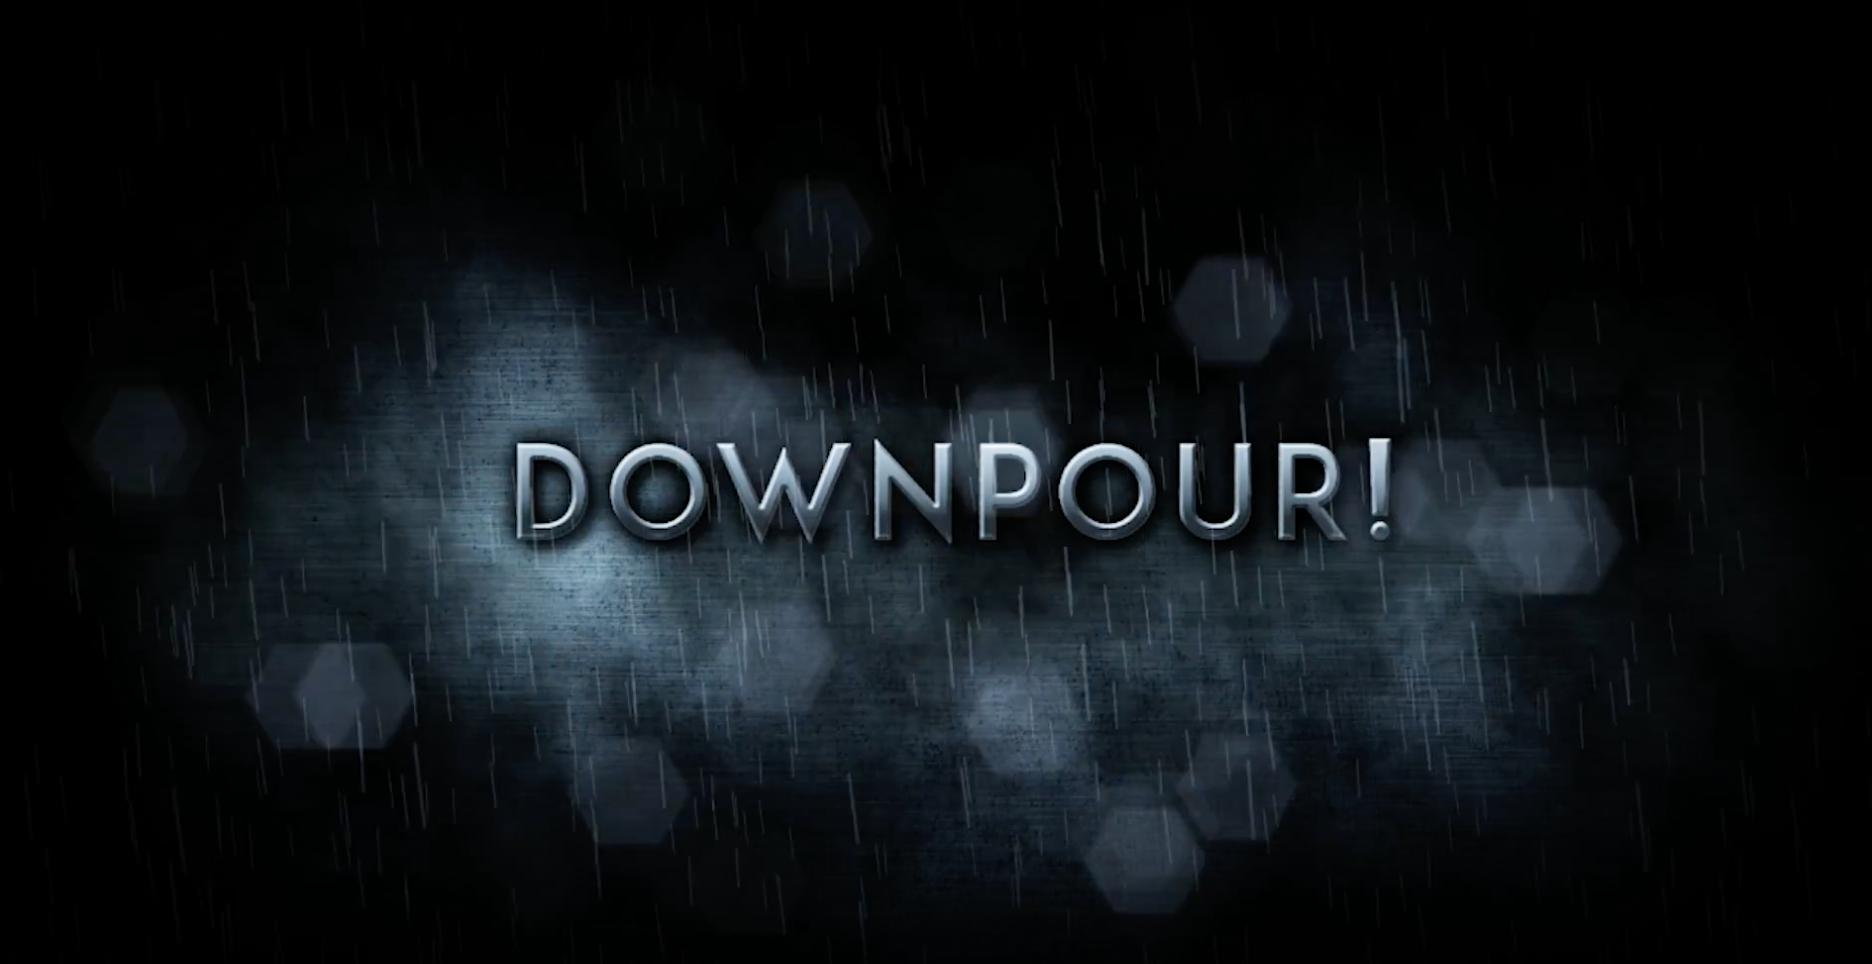 Downpour.png